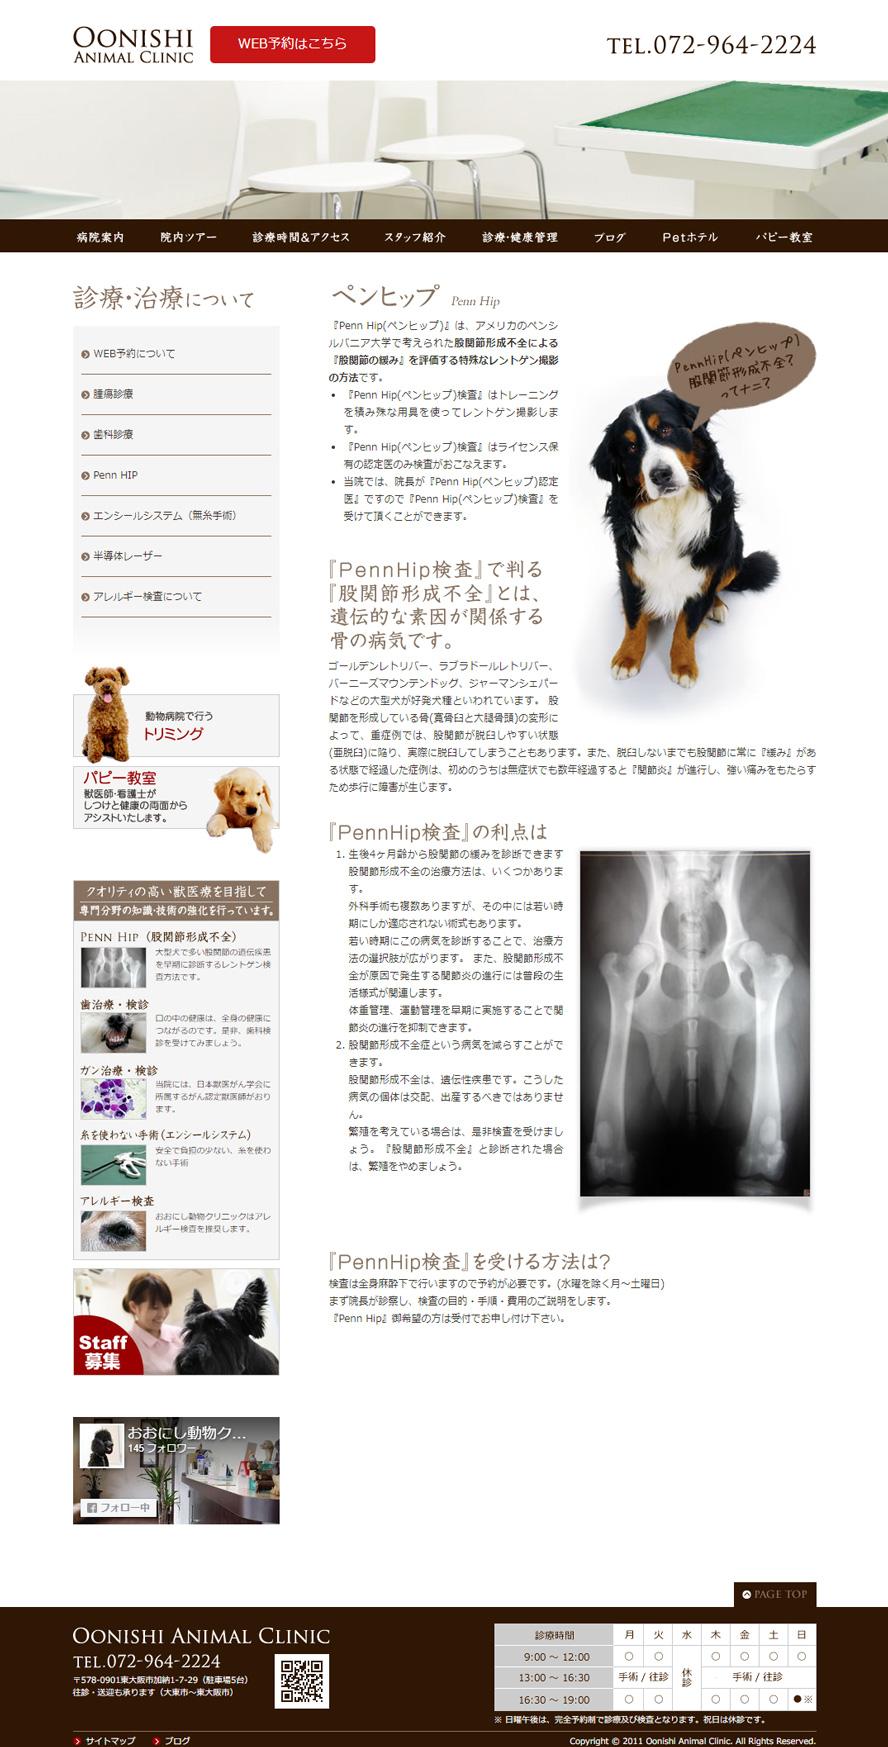 東大阪市のおおにし動物クリニック様ホームページ:ペンヒップのご説明